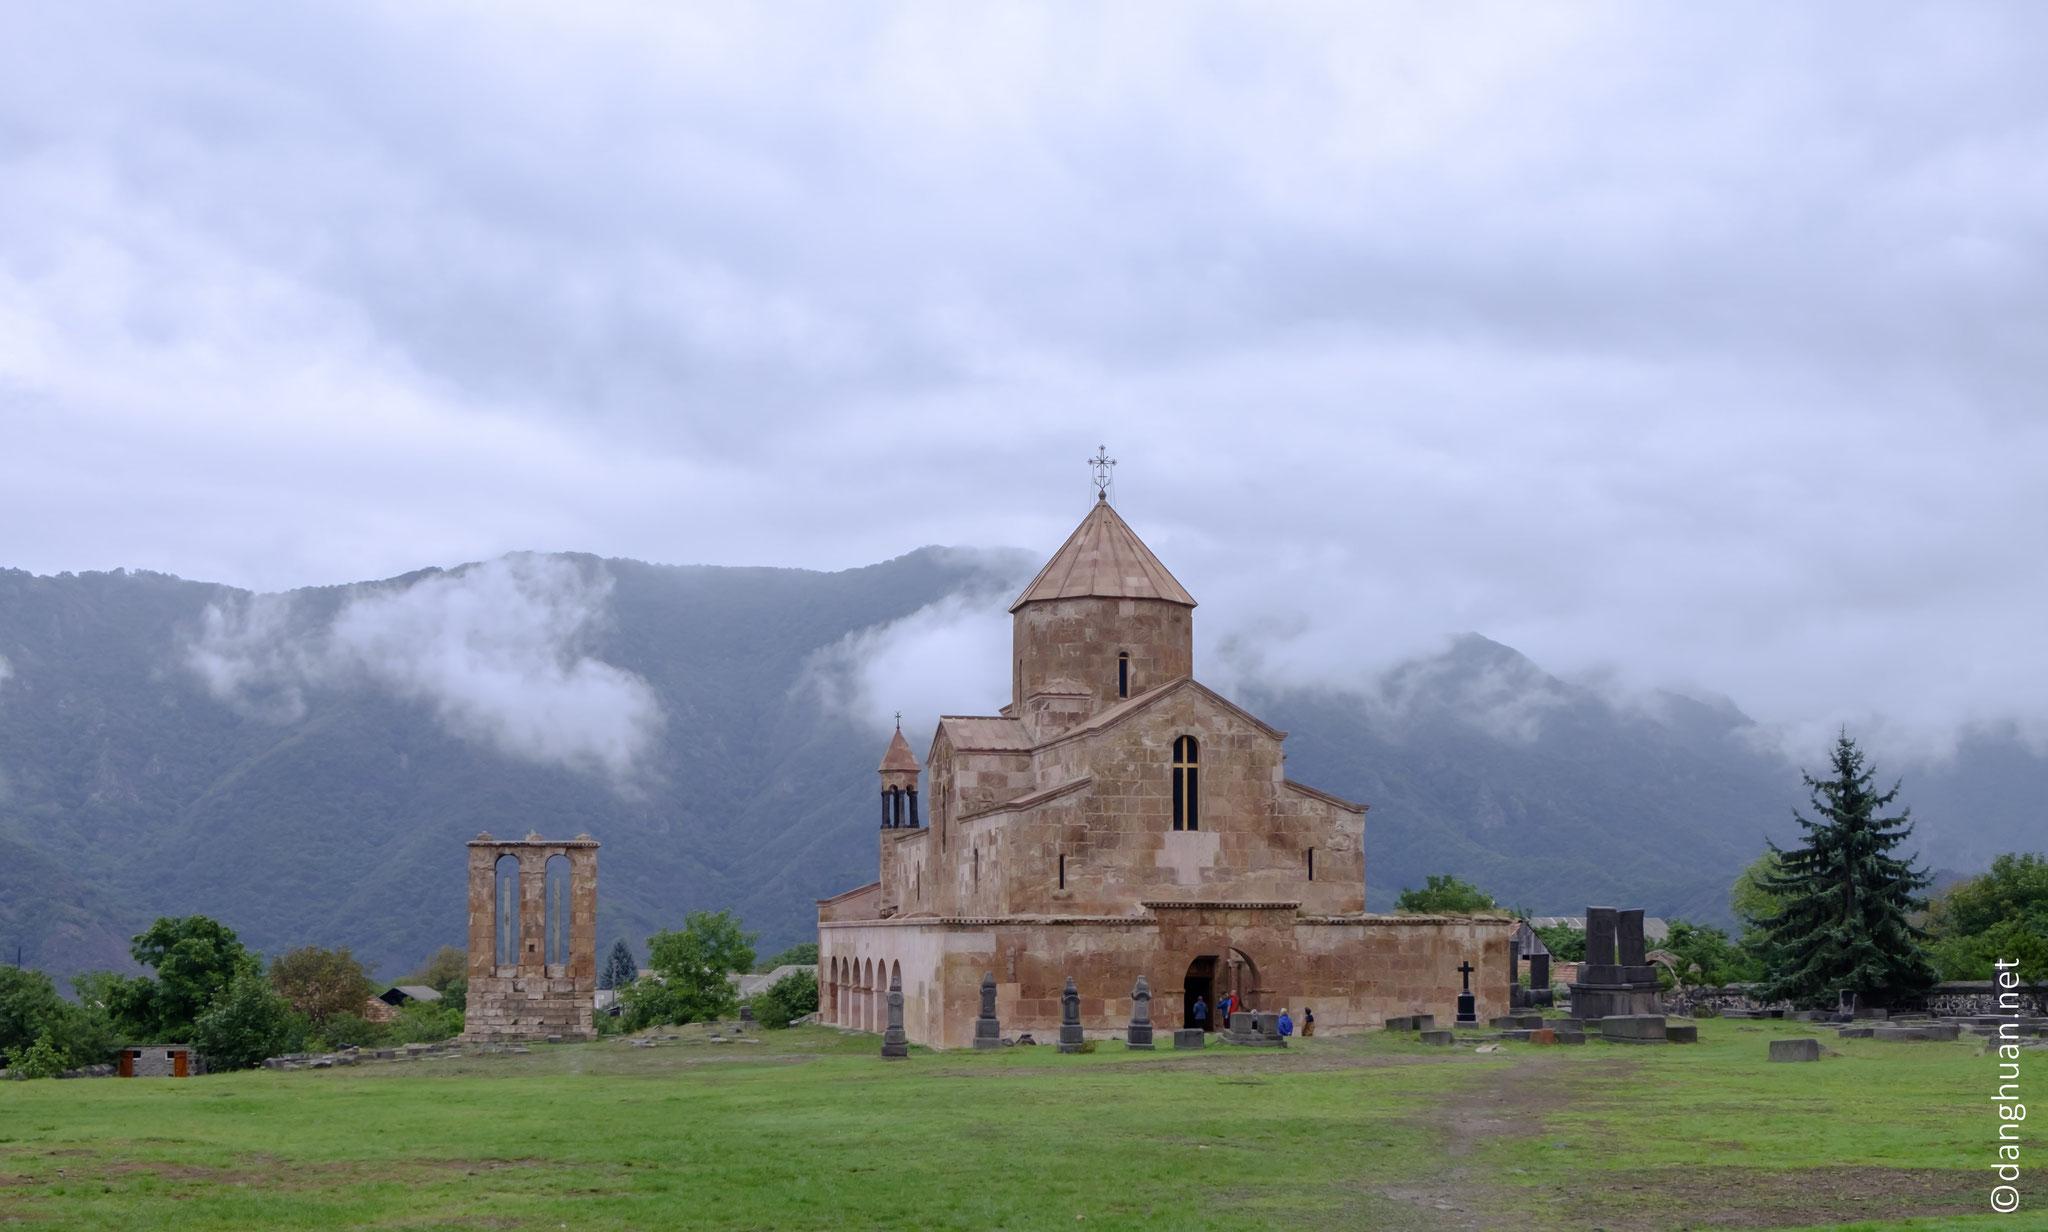 Eglise d'Odzoun (milieu du VIè siècle) : située sur la colline du village d'Odzoun